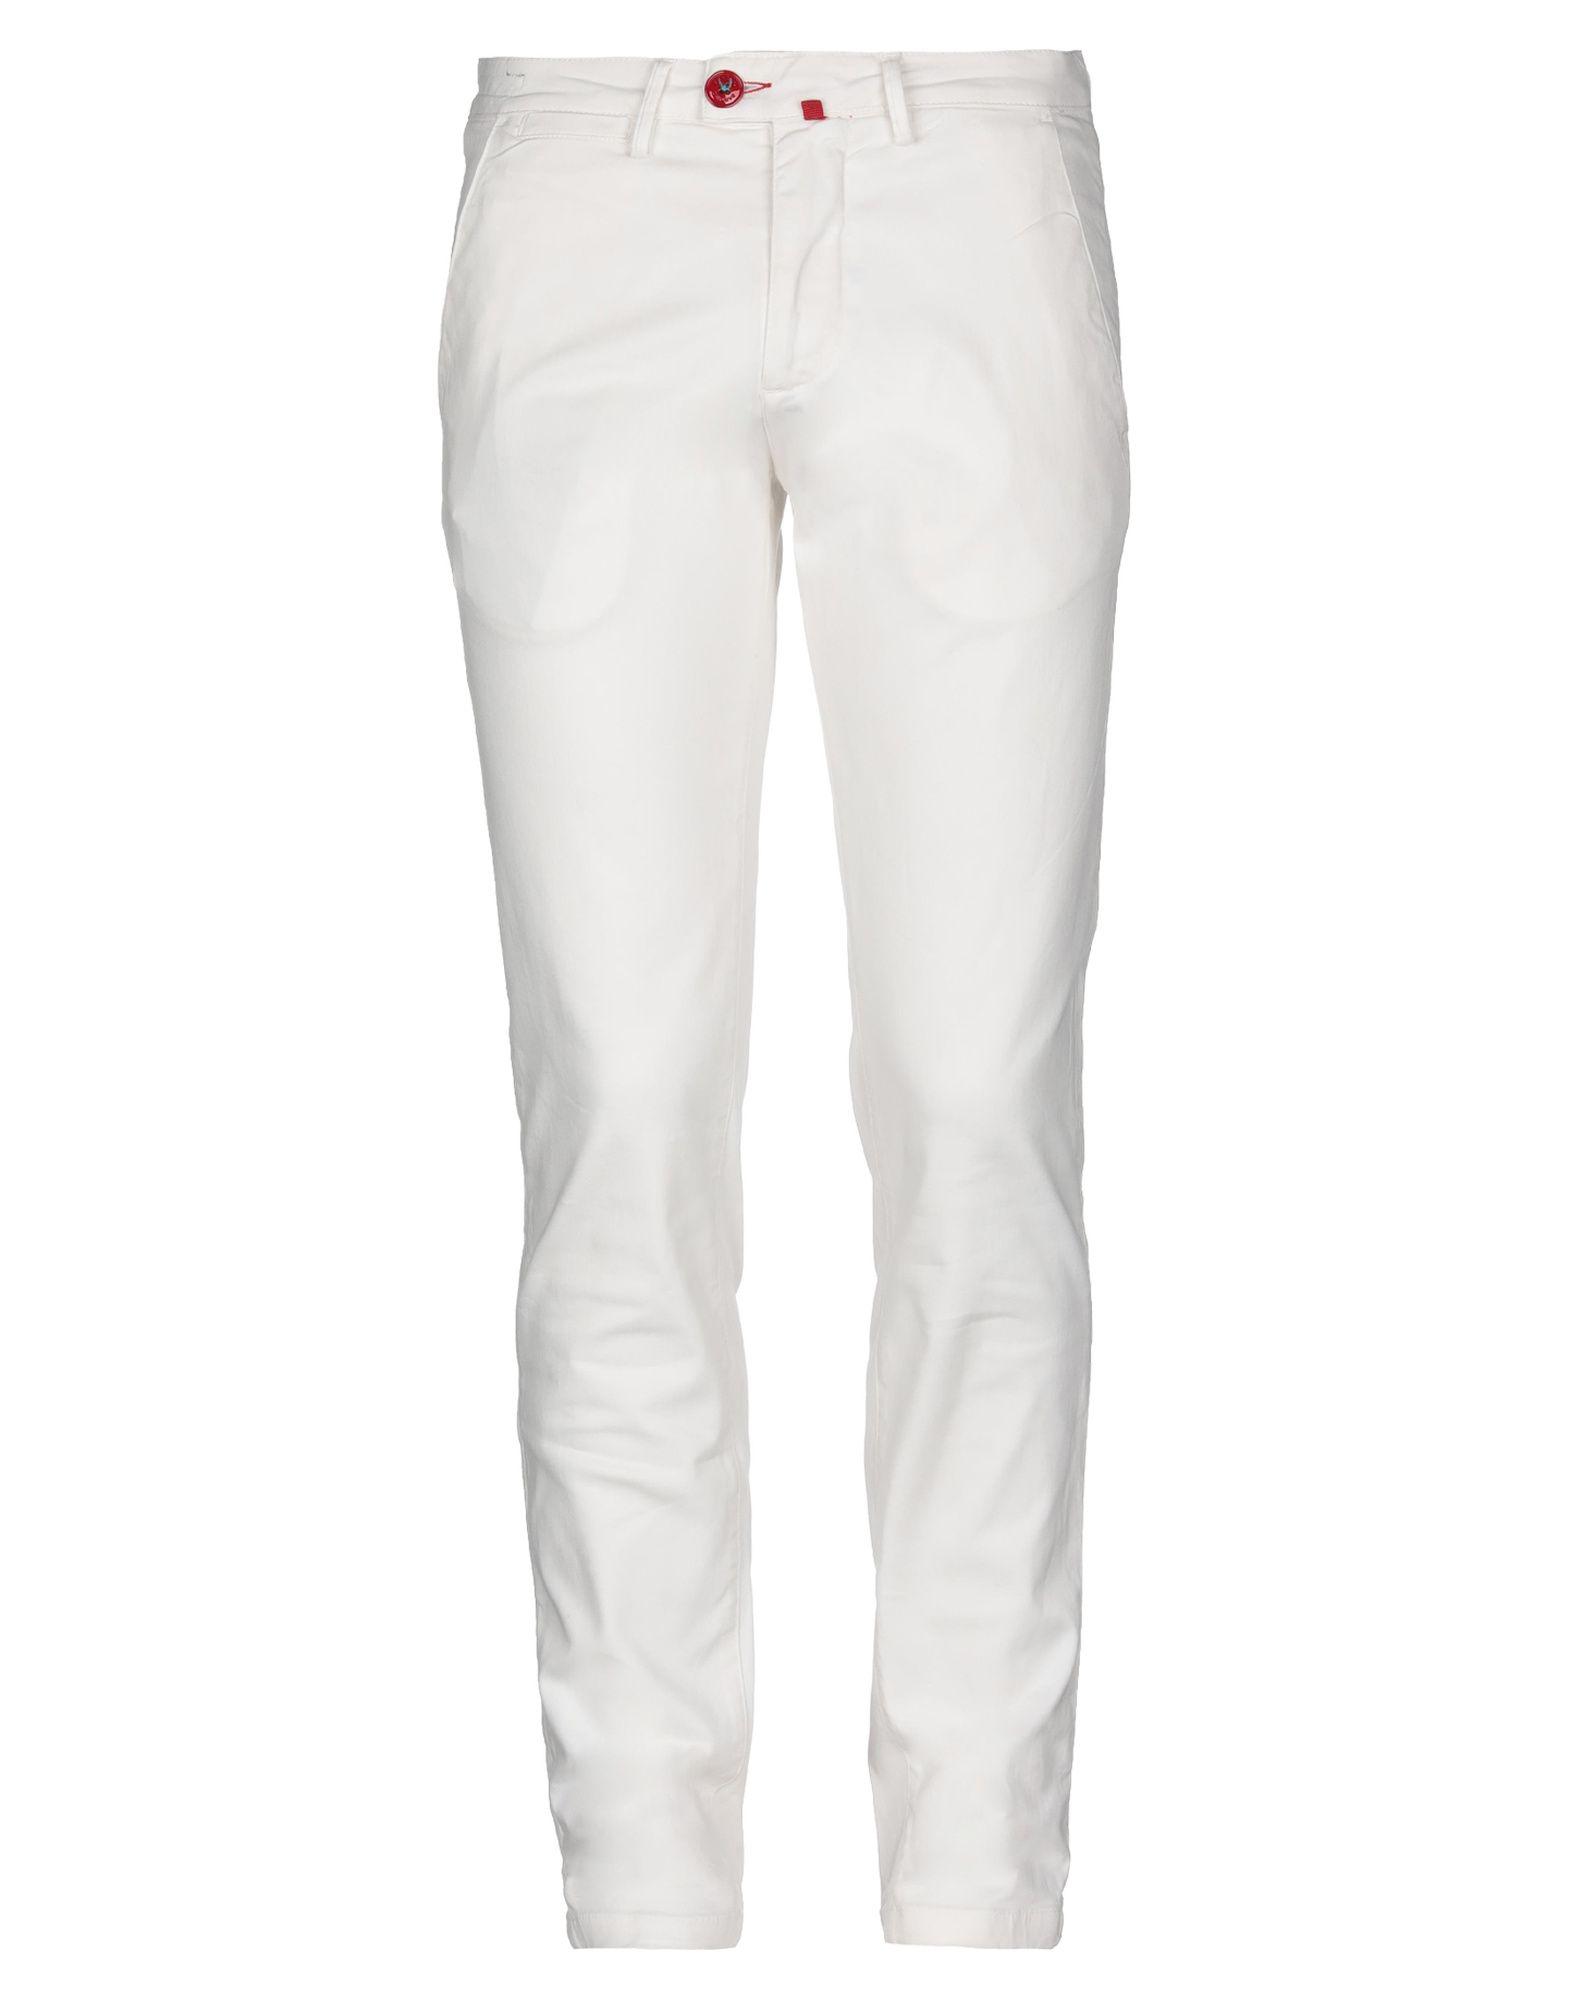 BARONIO Повседневные брюки антарктические повседневные брюки деловые мужские хлопок прямые повседневные брюки m006 cangqing 40